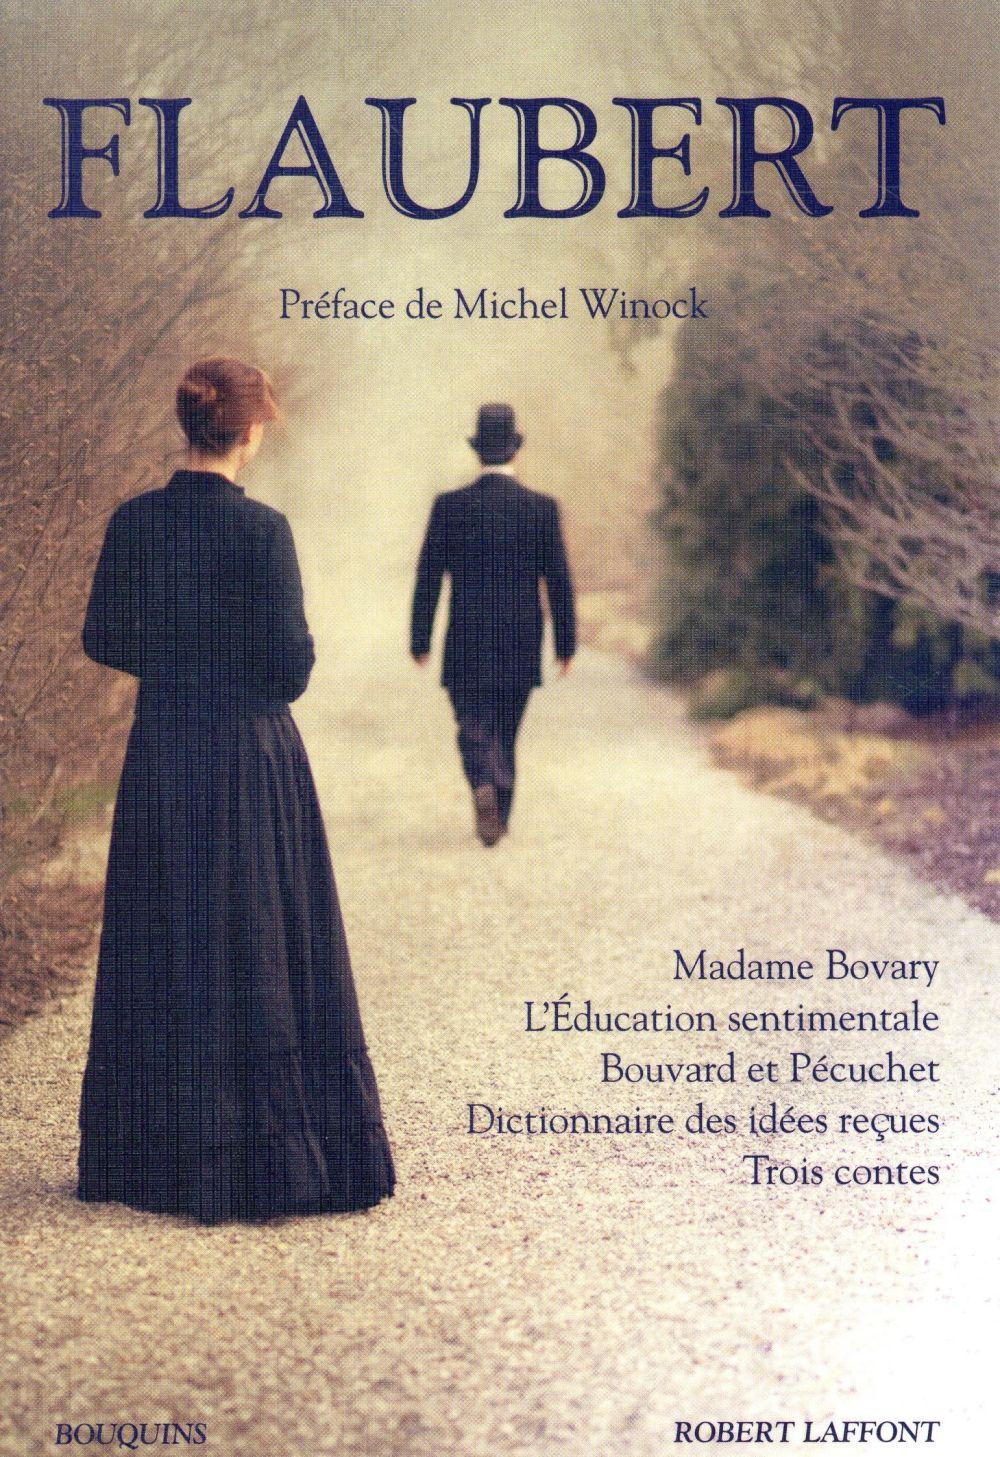 Flaubert ; Madame Bovary, l'éducation sentimentale, Bouvard et Pécuchet, dictionnaire des idées reçues, trois contes